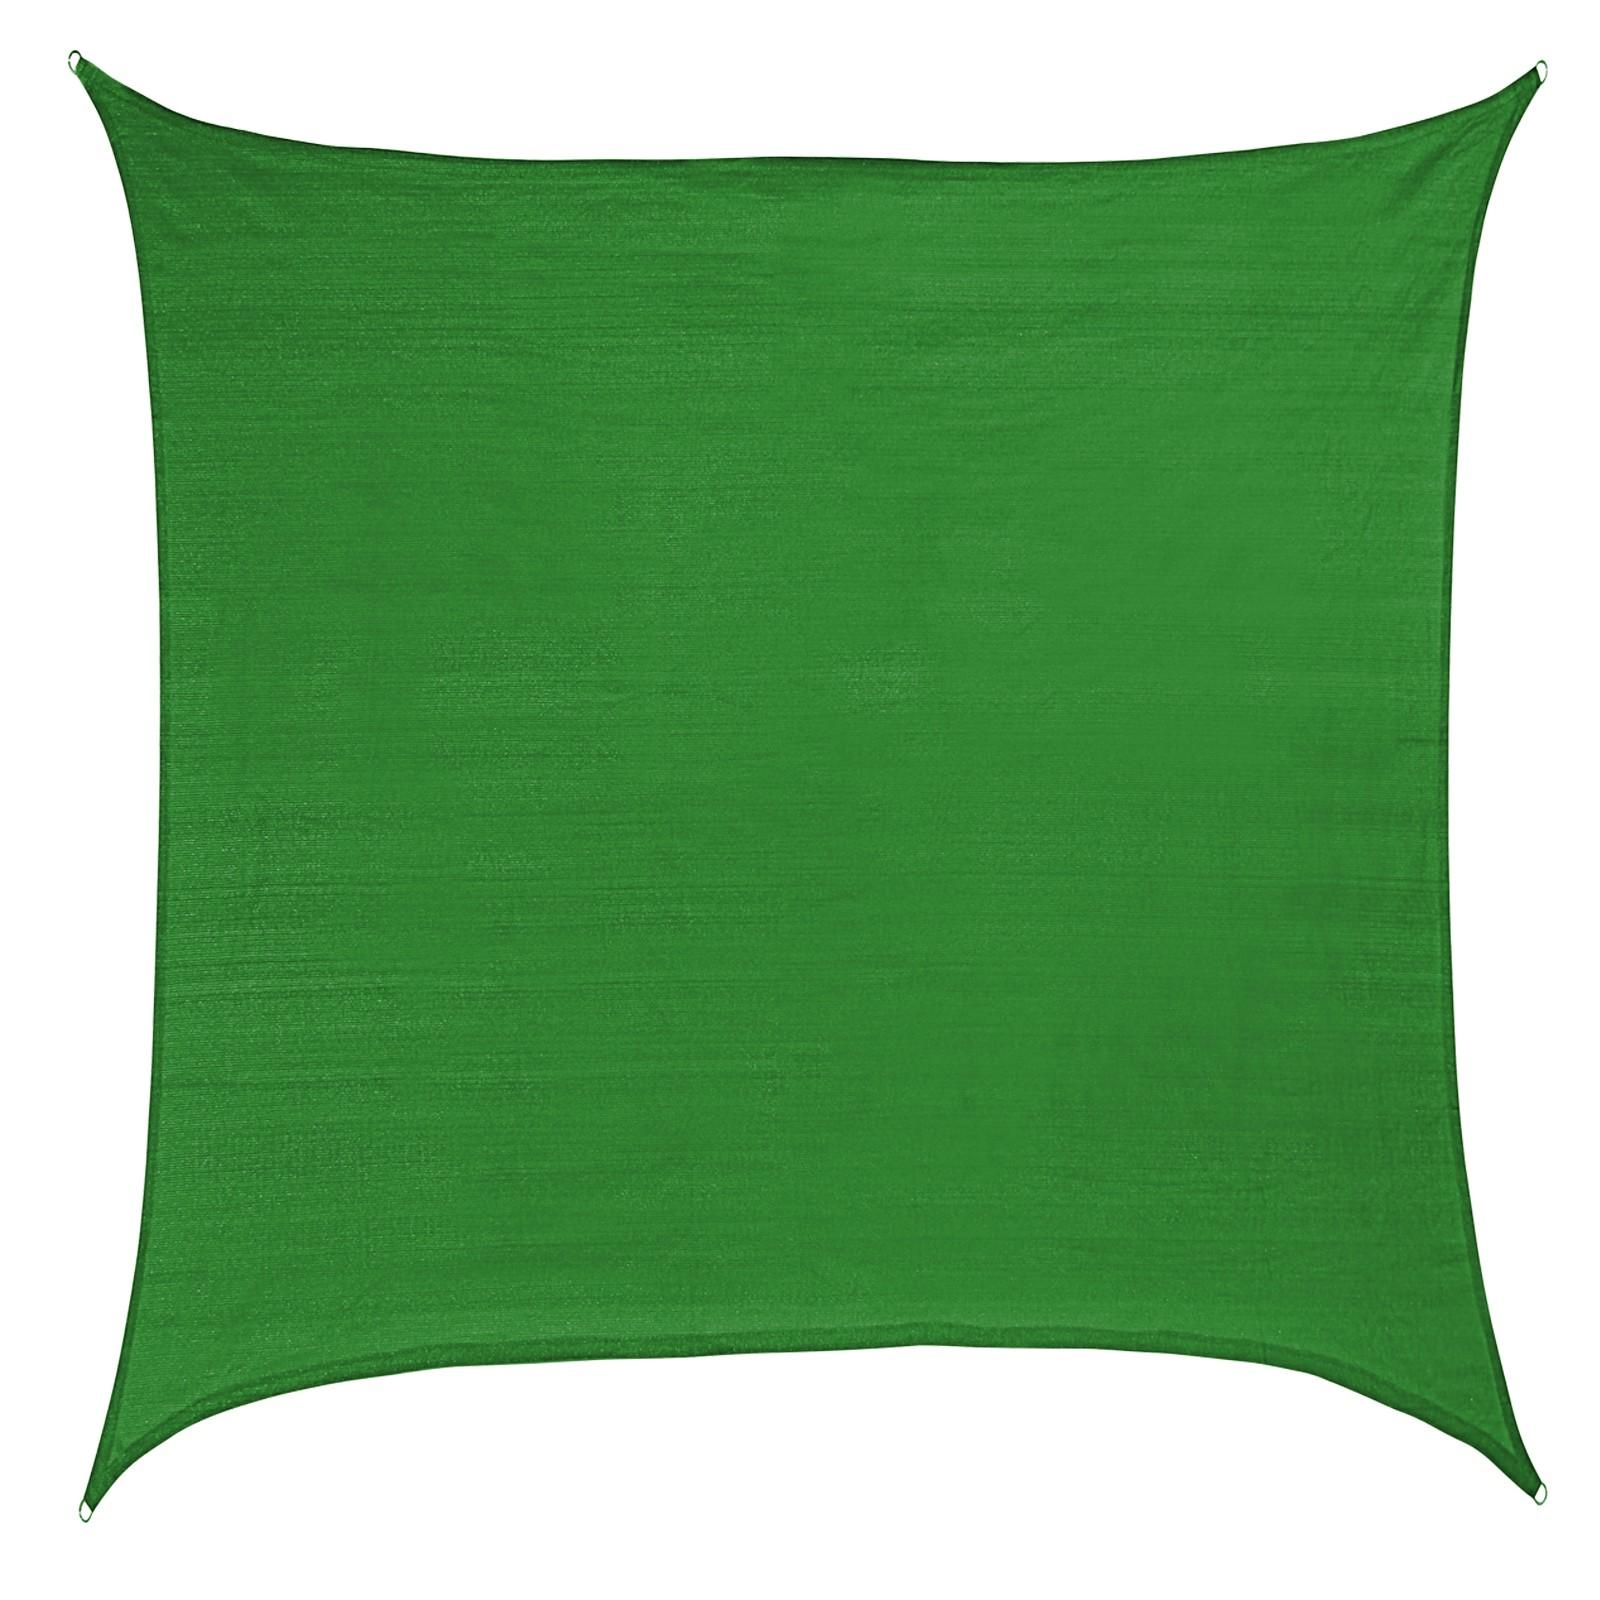 sonnensegel sun diego quadratisch 5 x 5 m 100 hdpe in. Black Bedroom Furniture Sets. Home Design Ideas